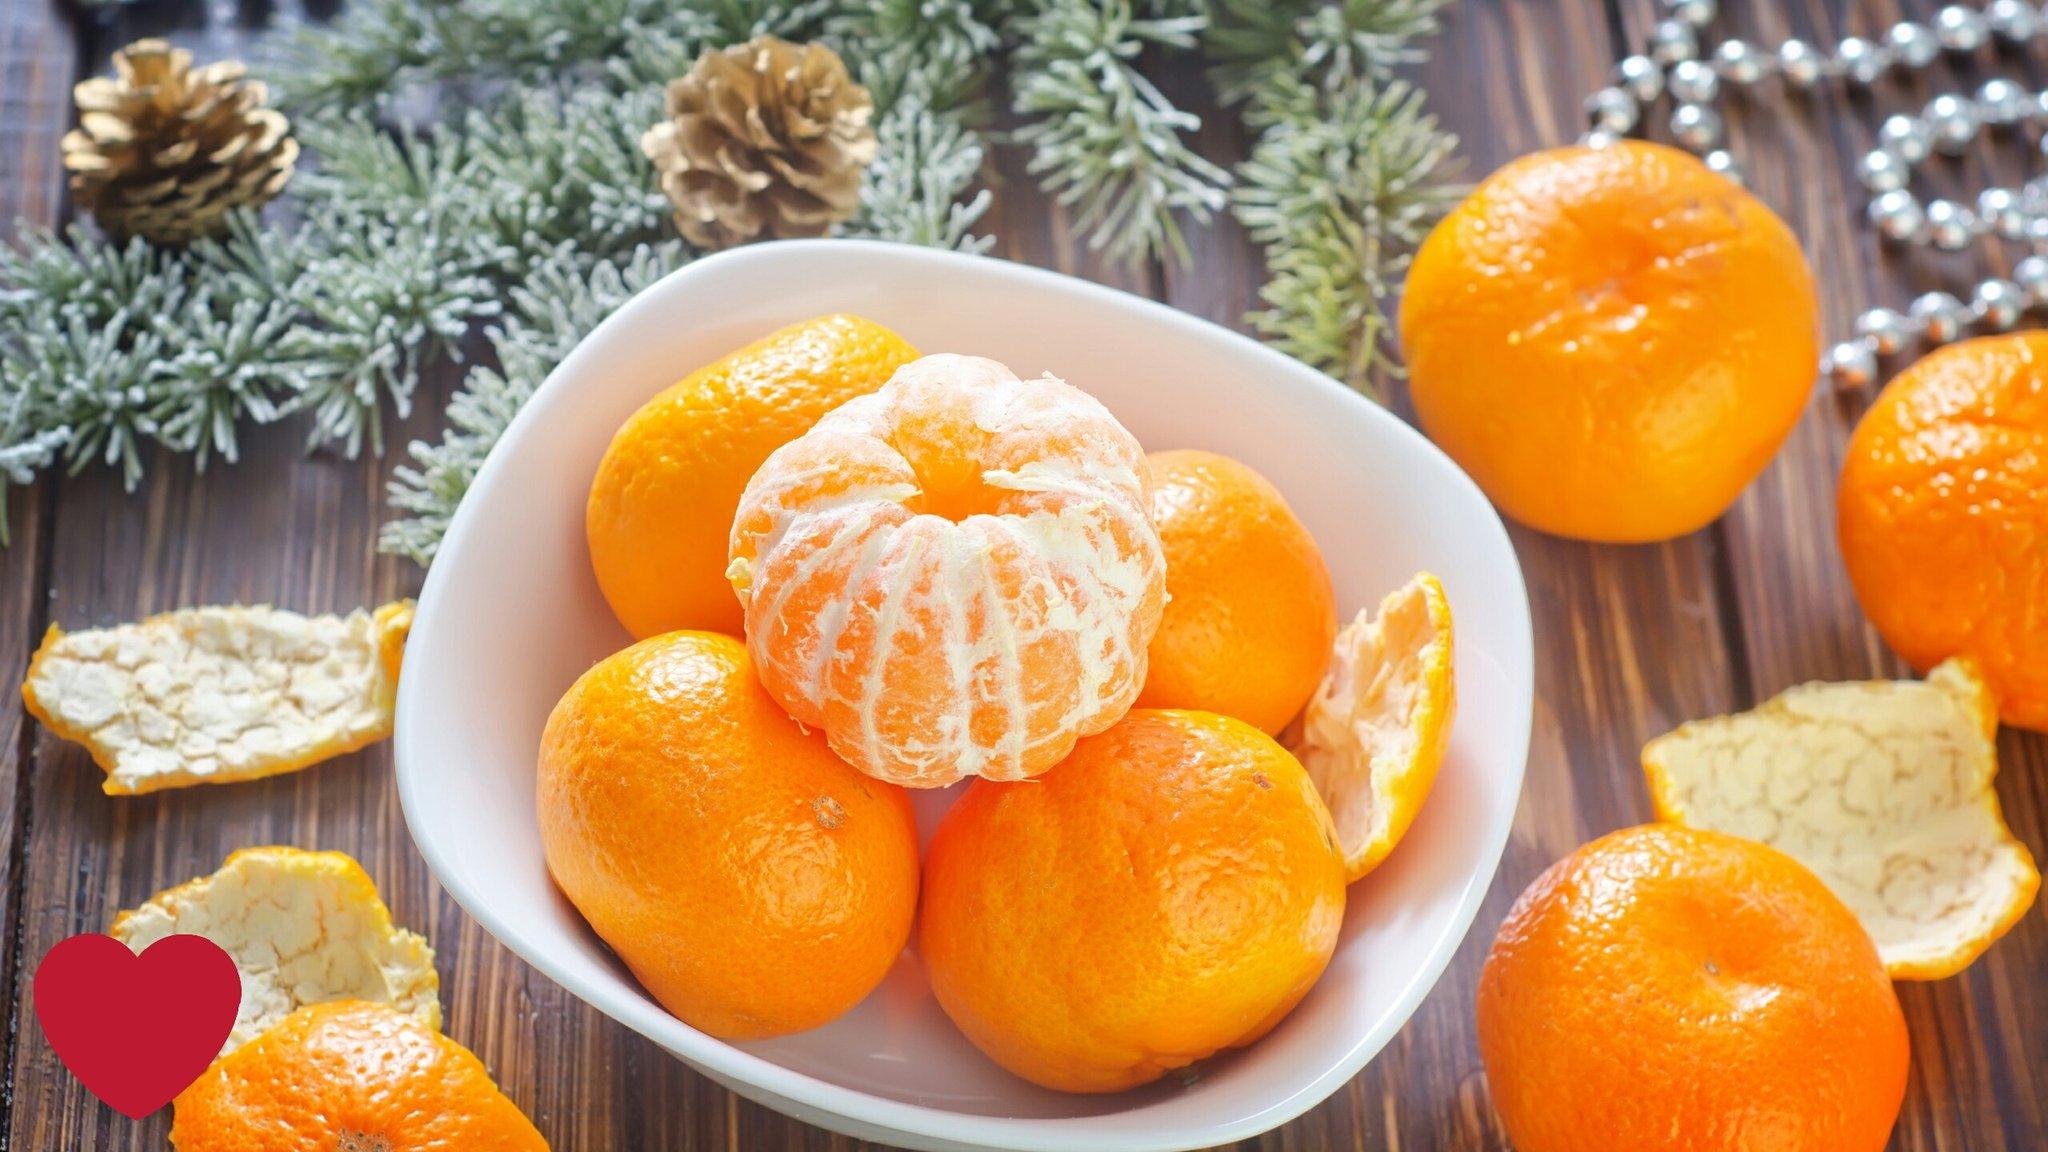 10 фруктов, которые полезны в зимнее время года для детей и будущих мам